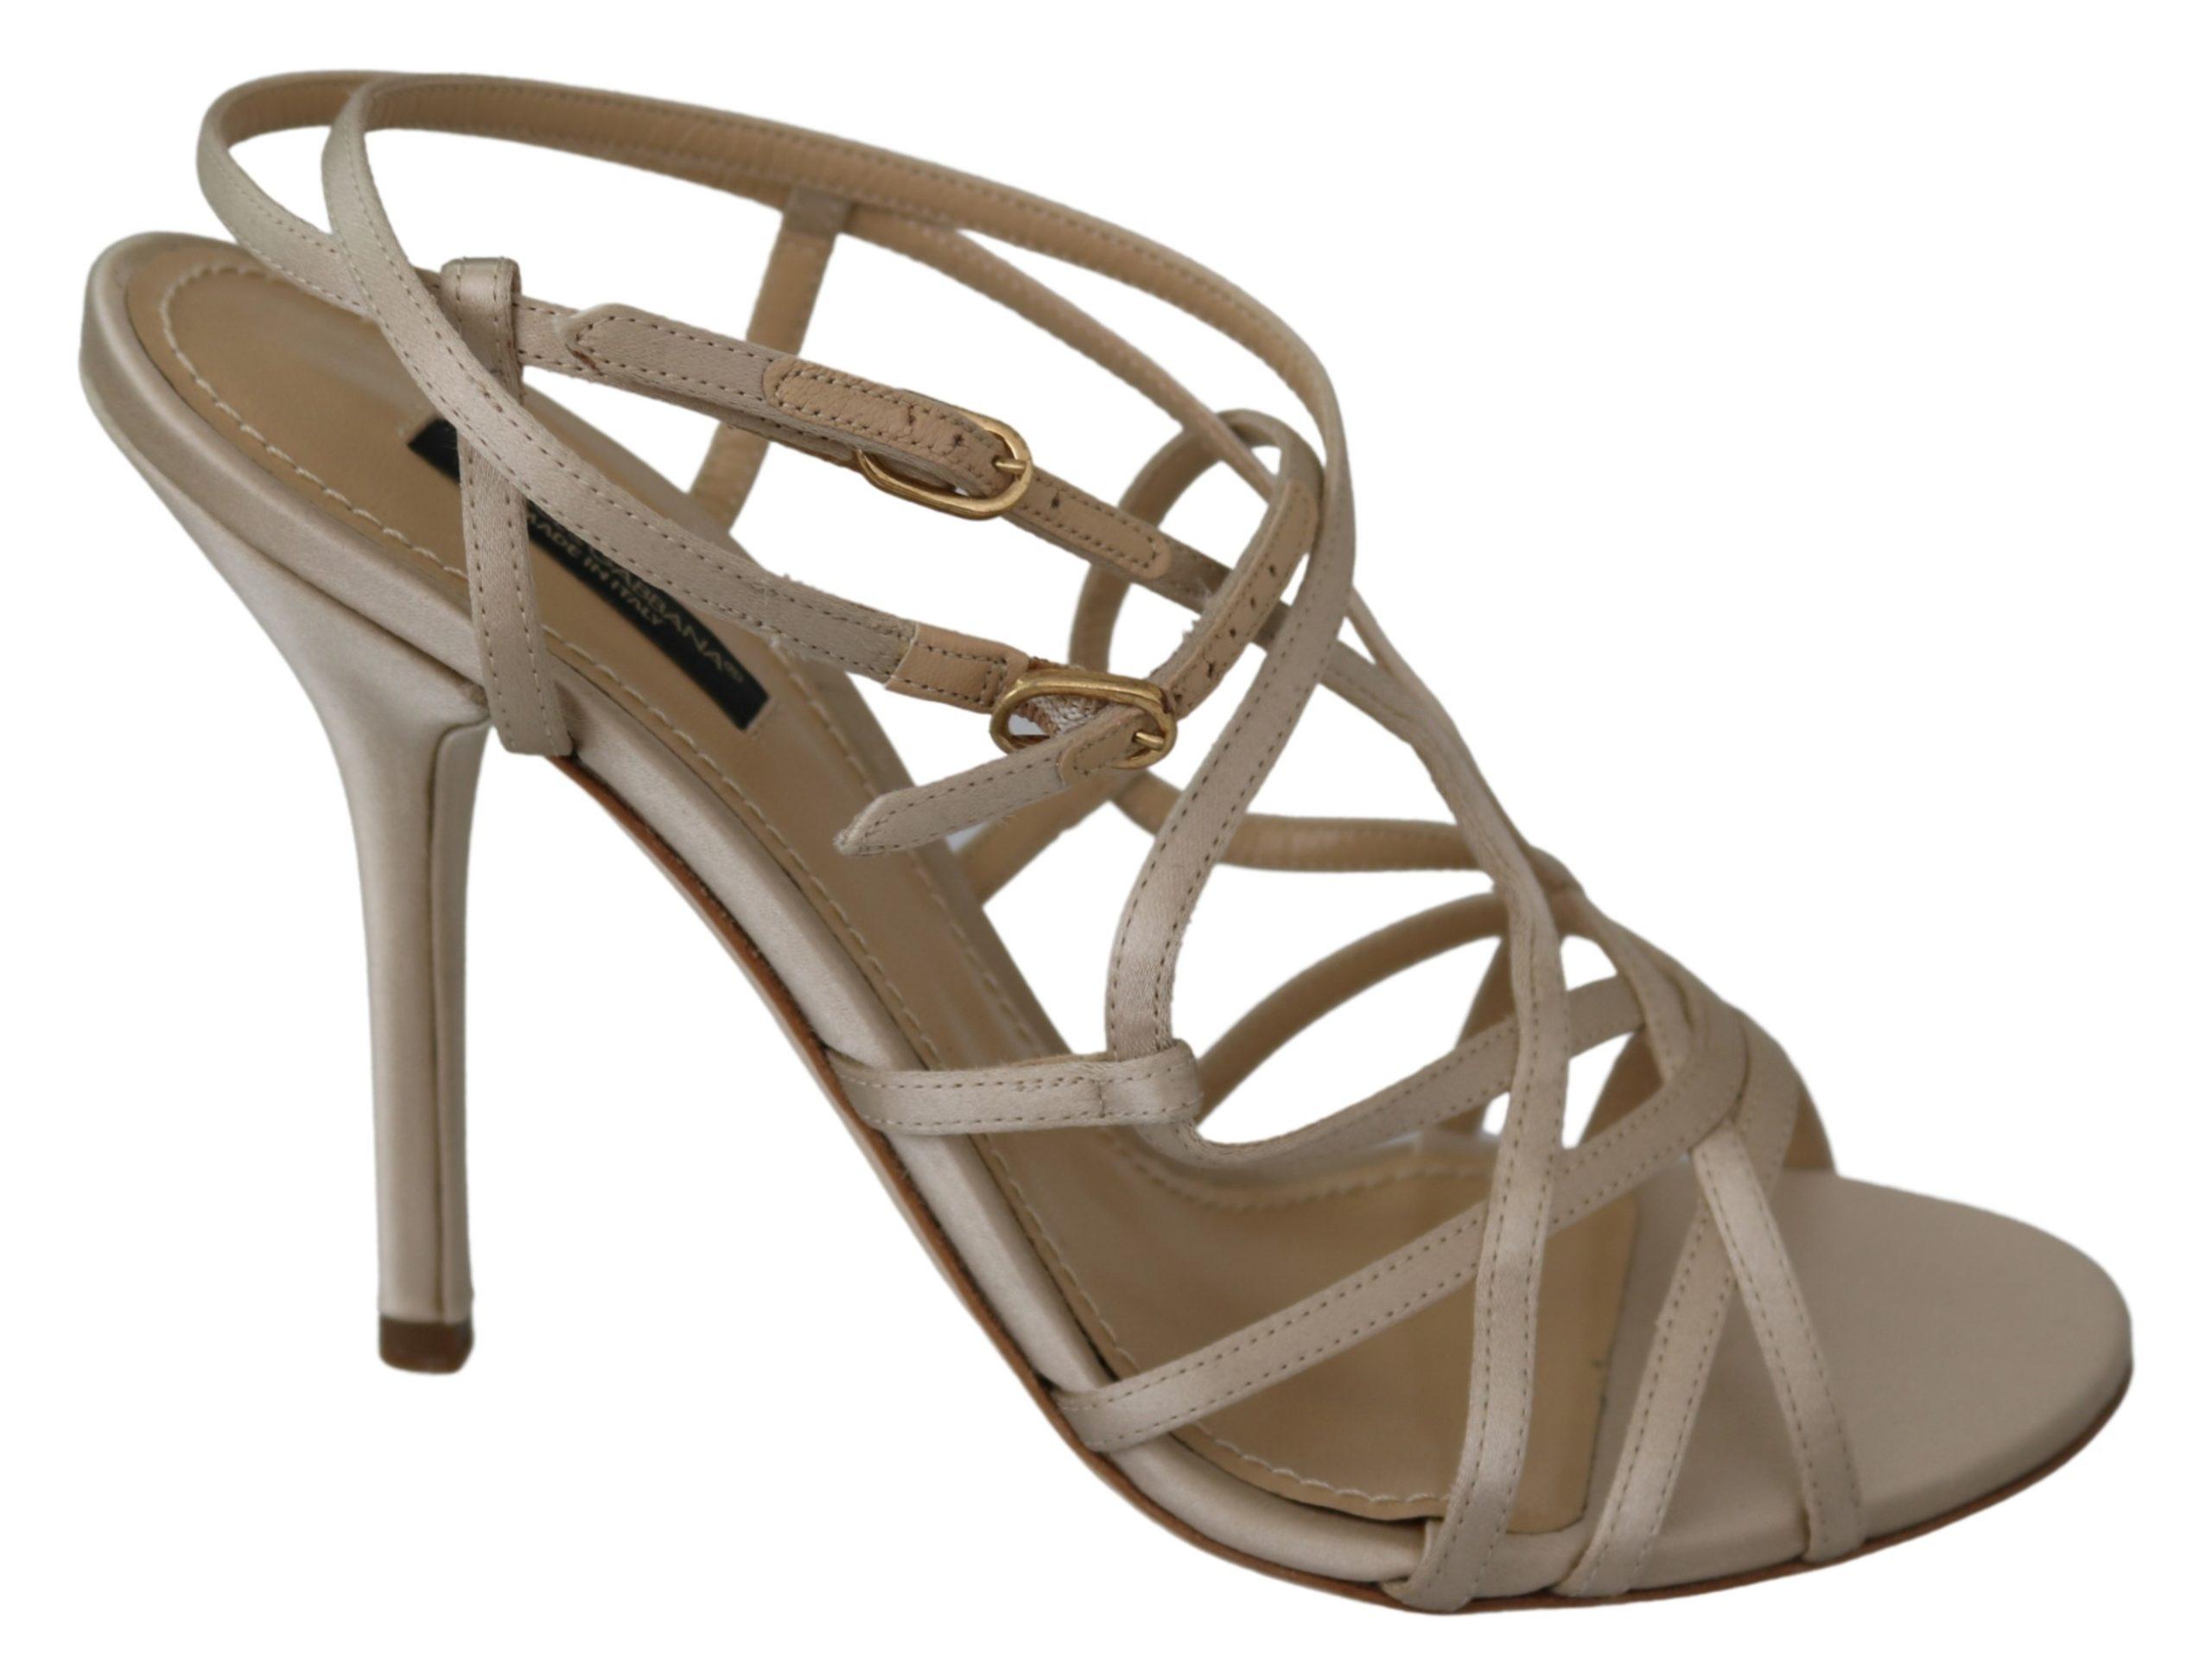 Dolce & Gabbana Women's Nude Ankle Strap Heels Beige LA7719-39 - EU39/US8.5